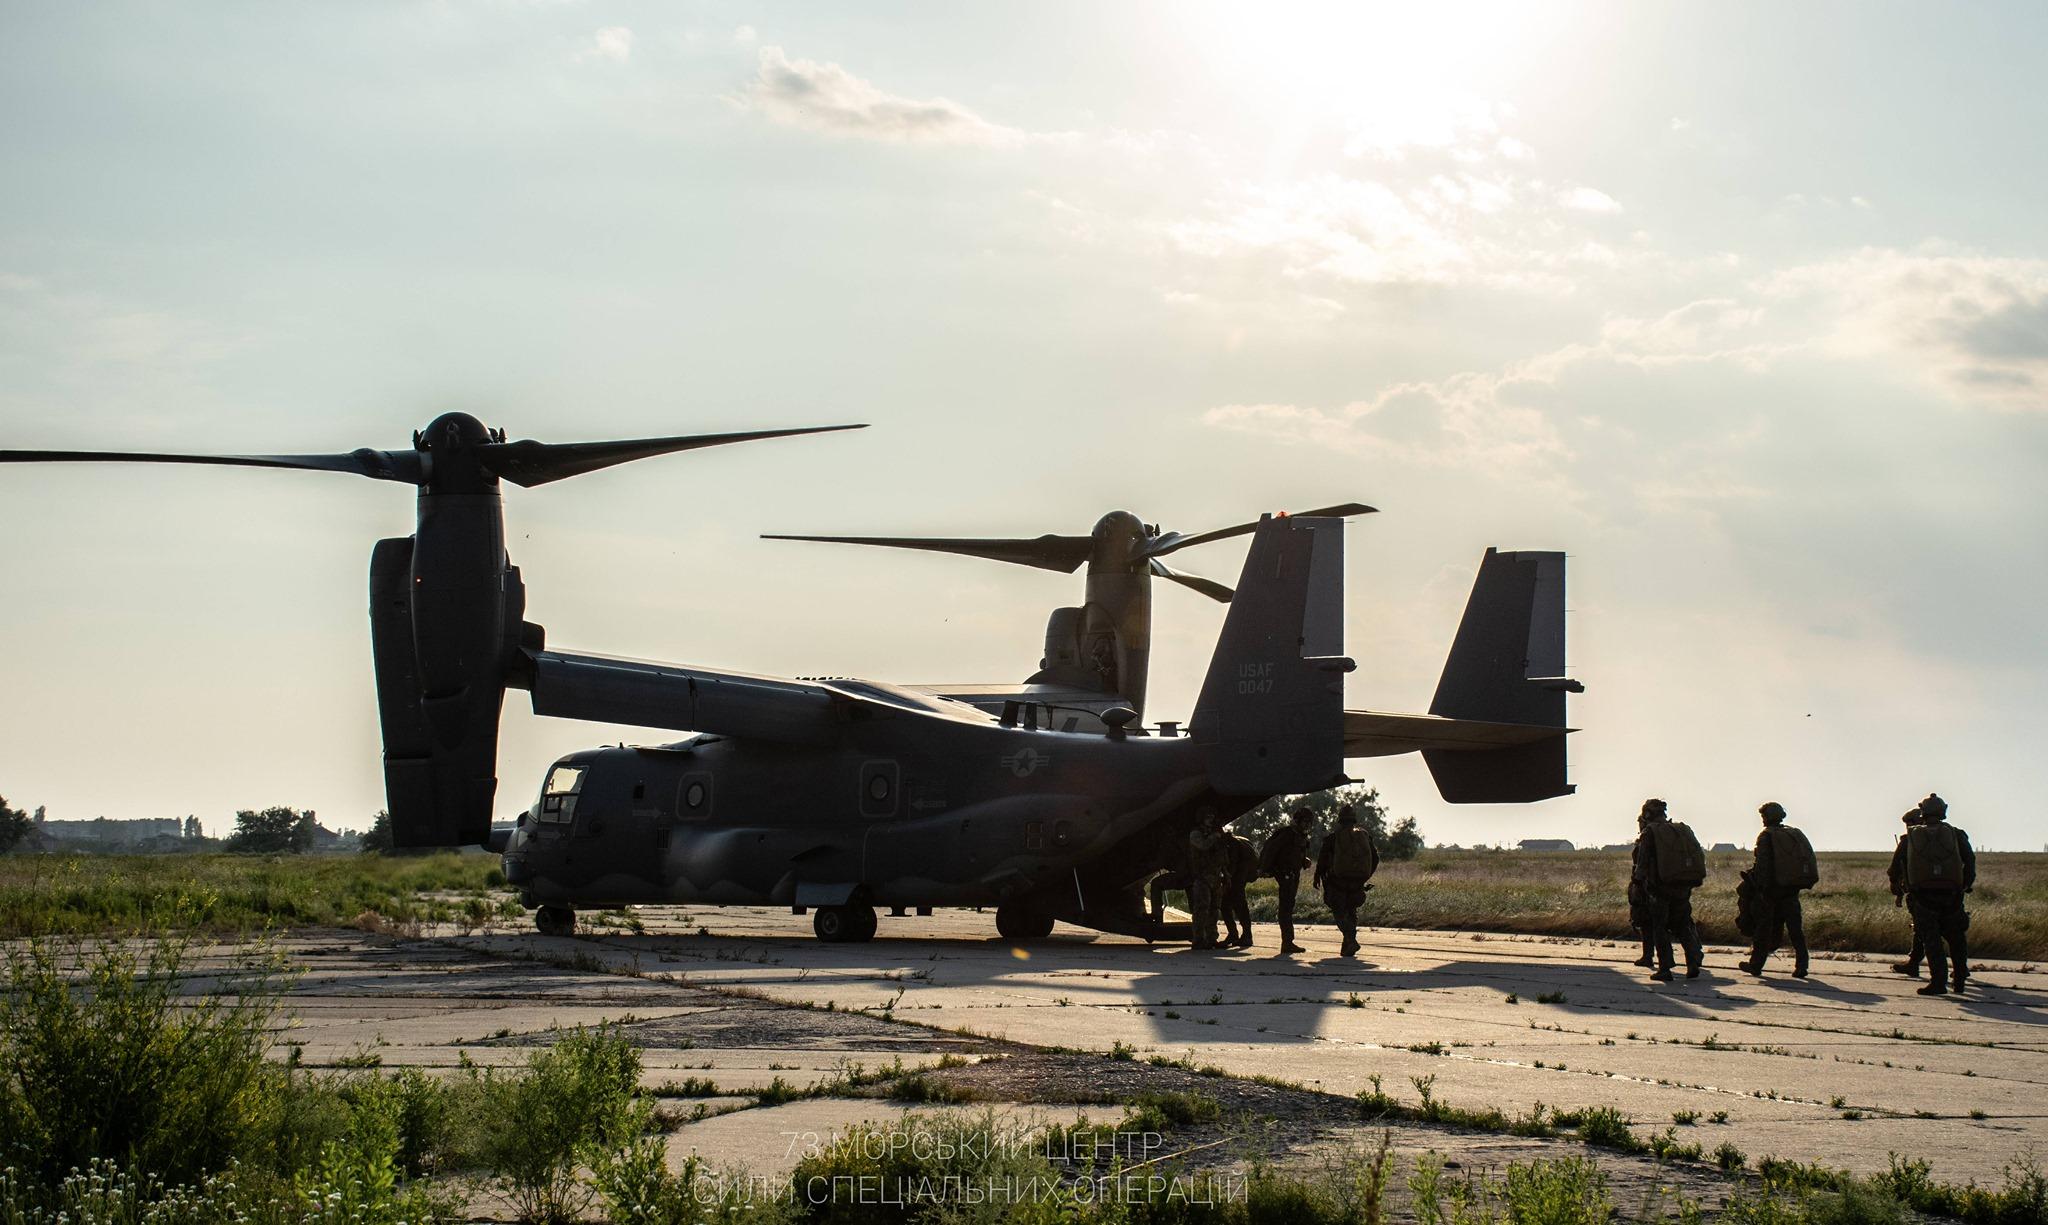 Bell Boeing V-22 Osprey tiltrotor təyyarəsi